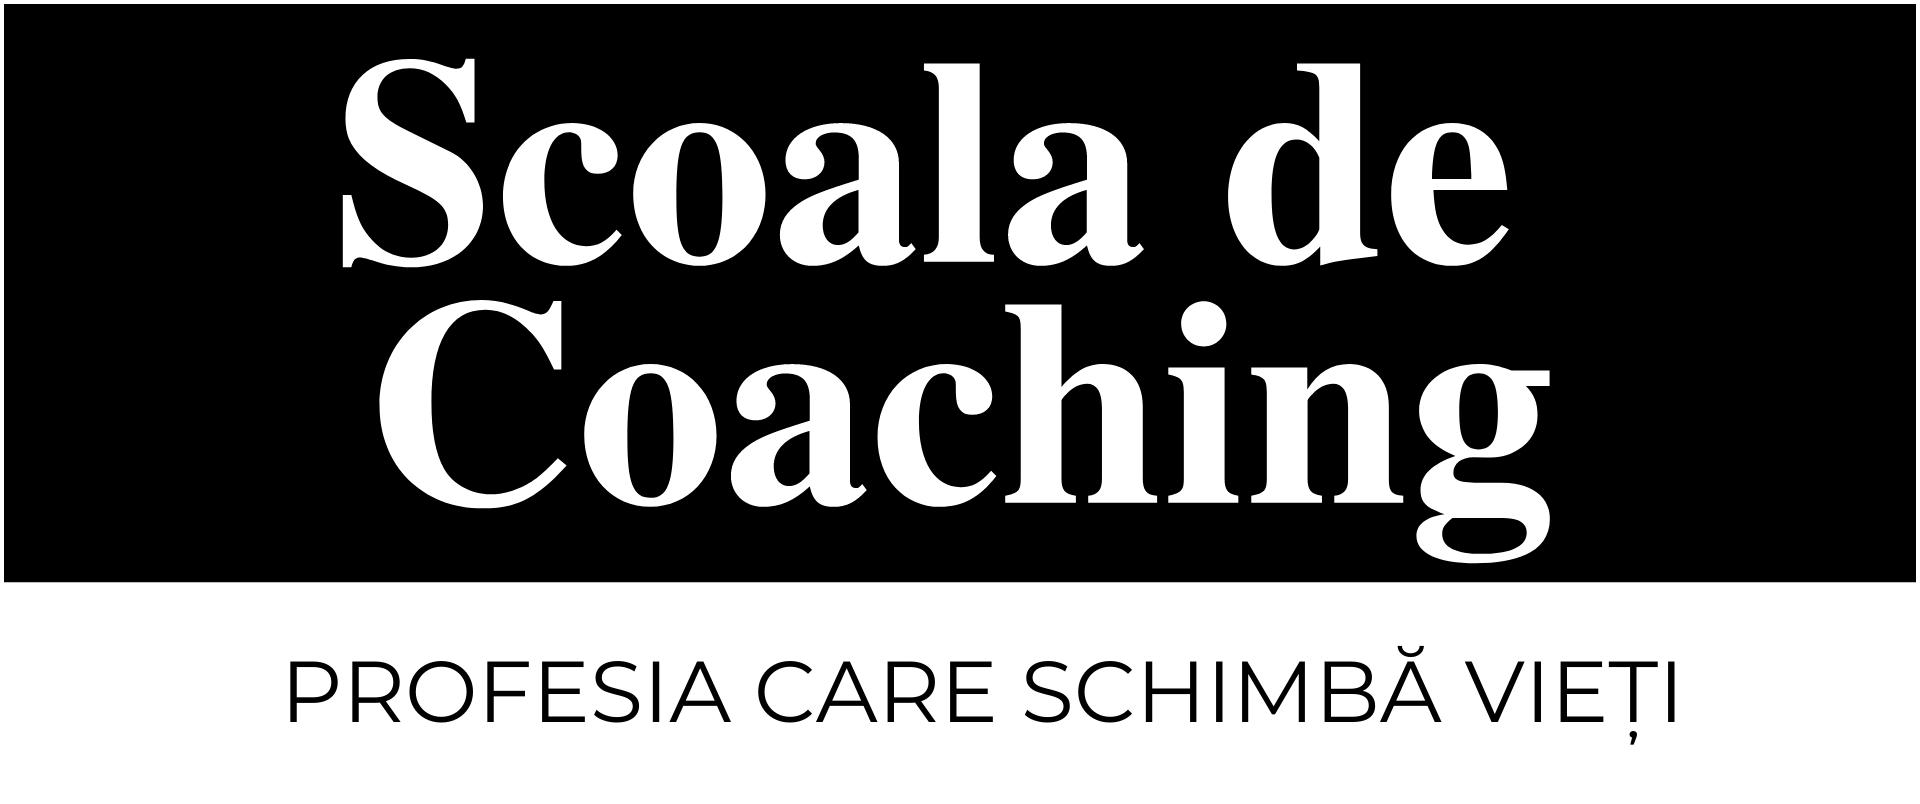 Scoala de coaching